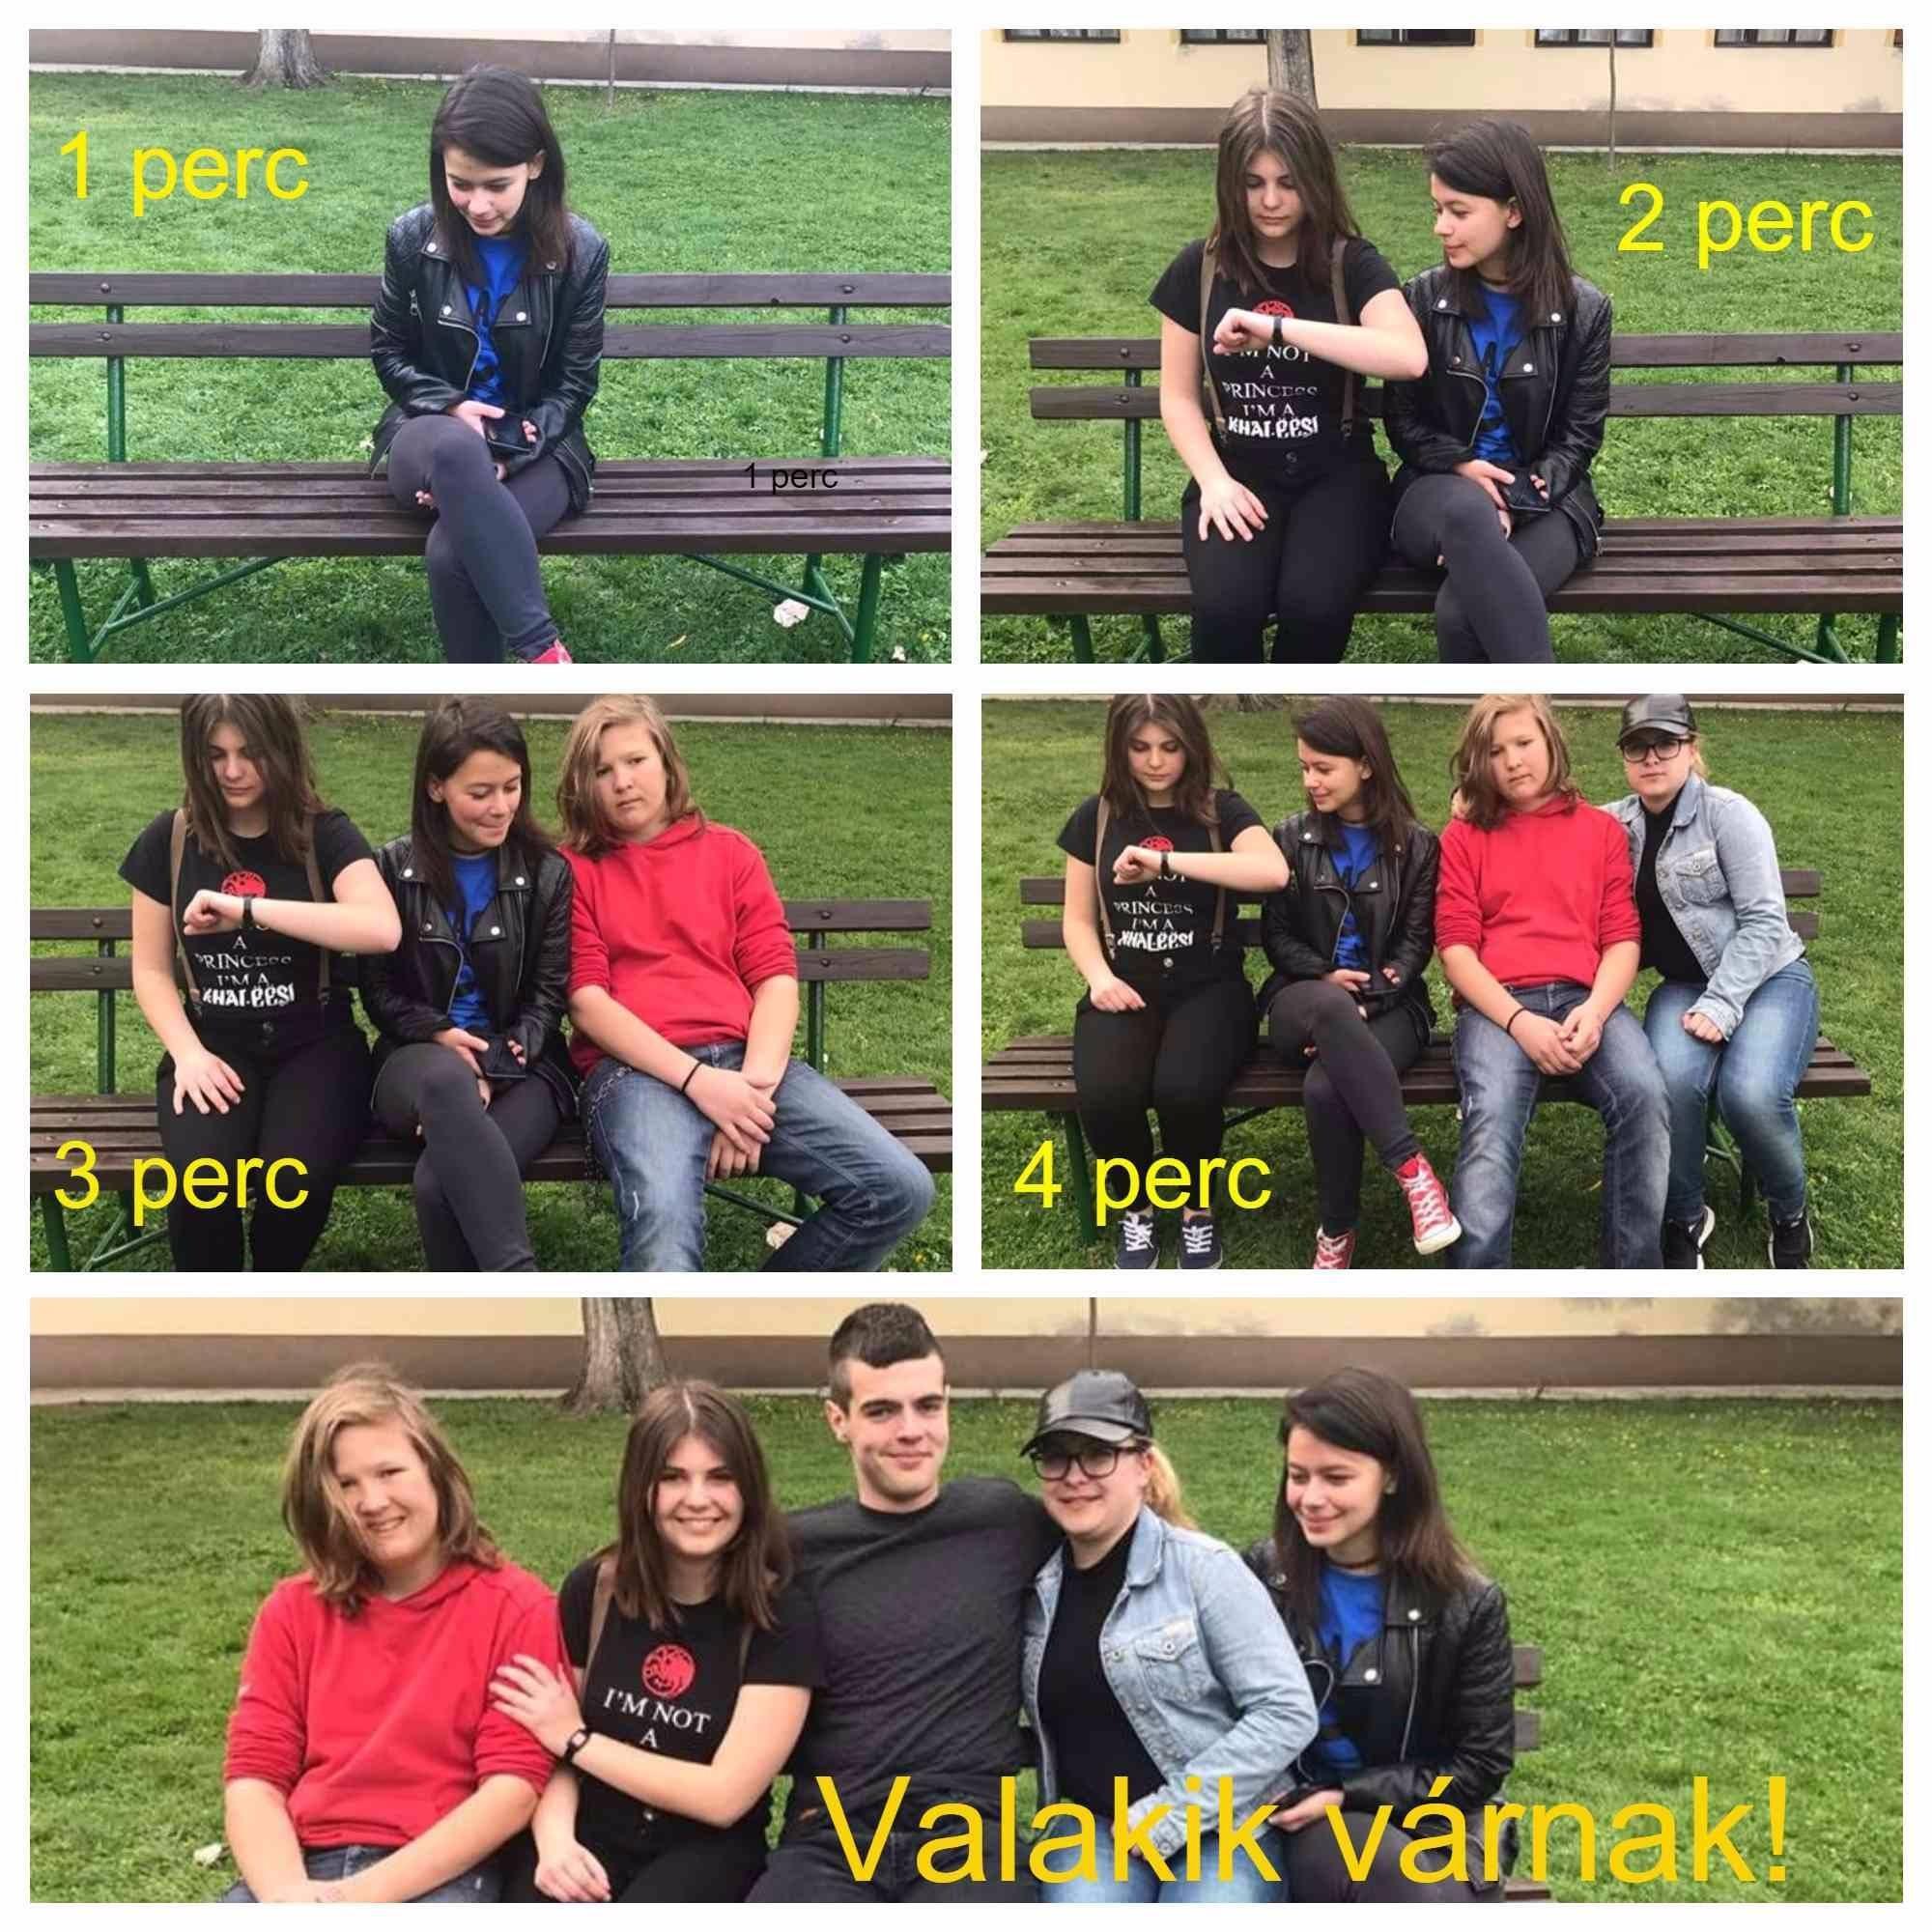 valakik_varnak01